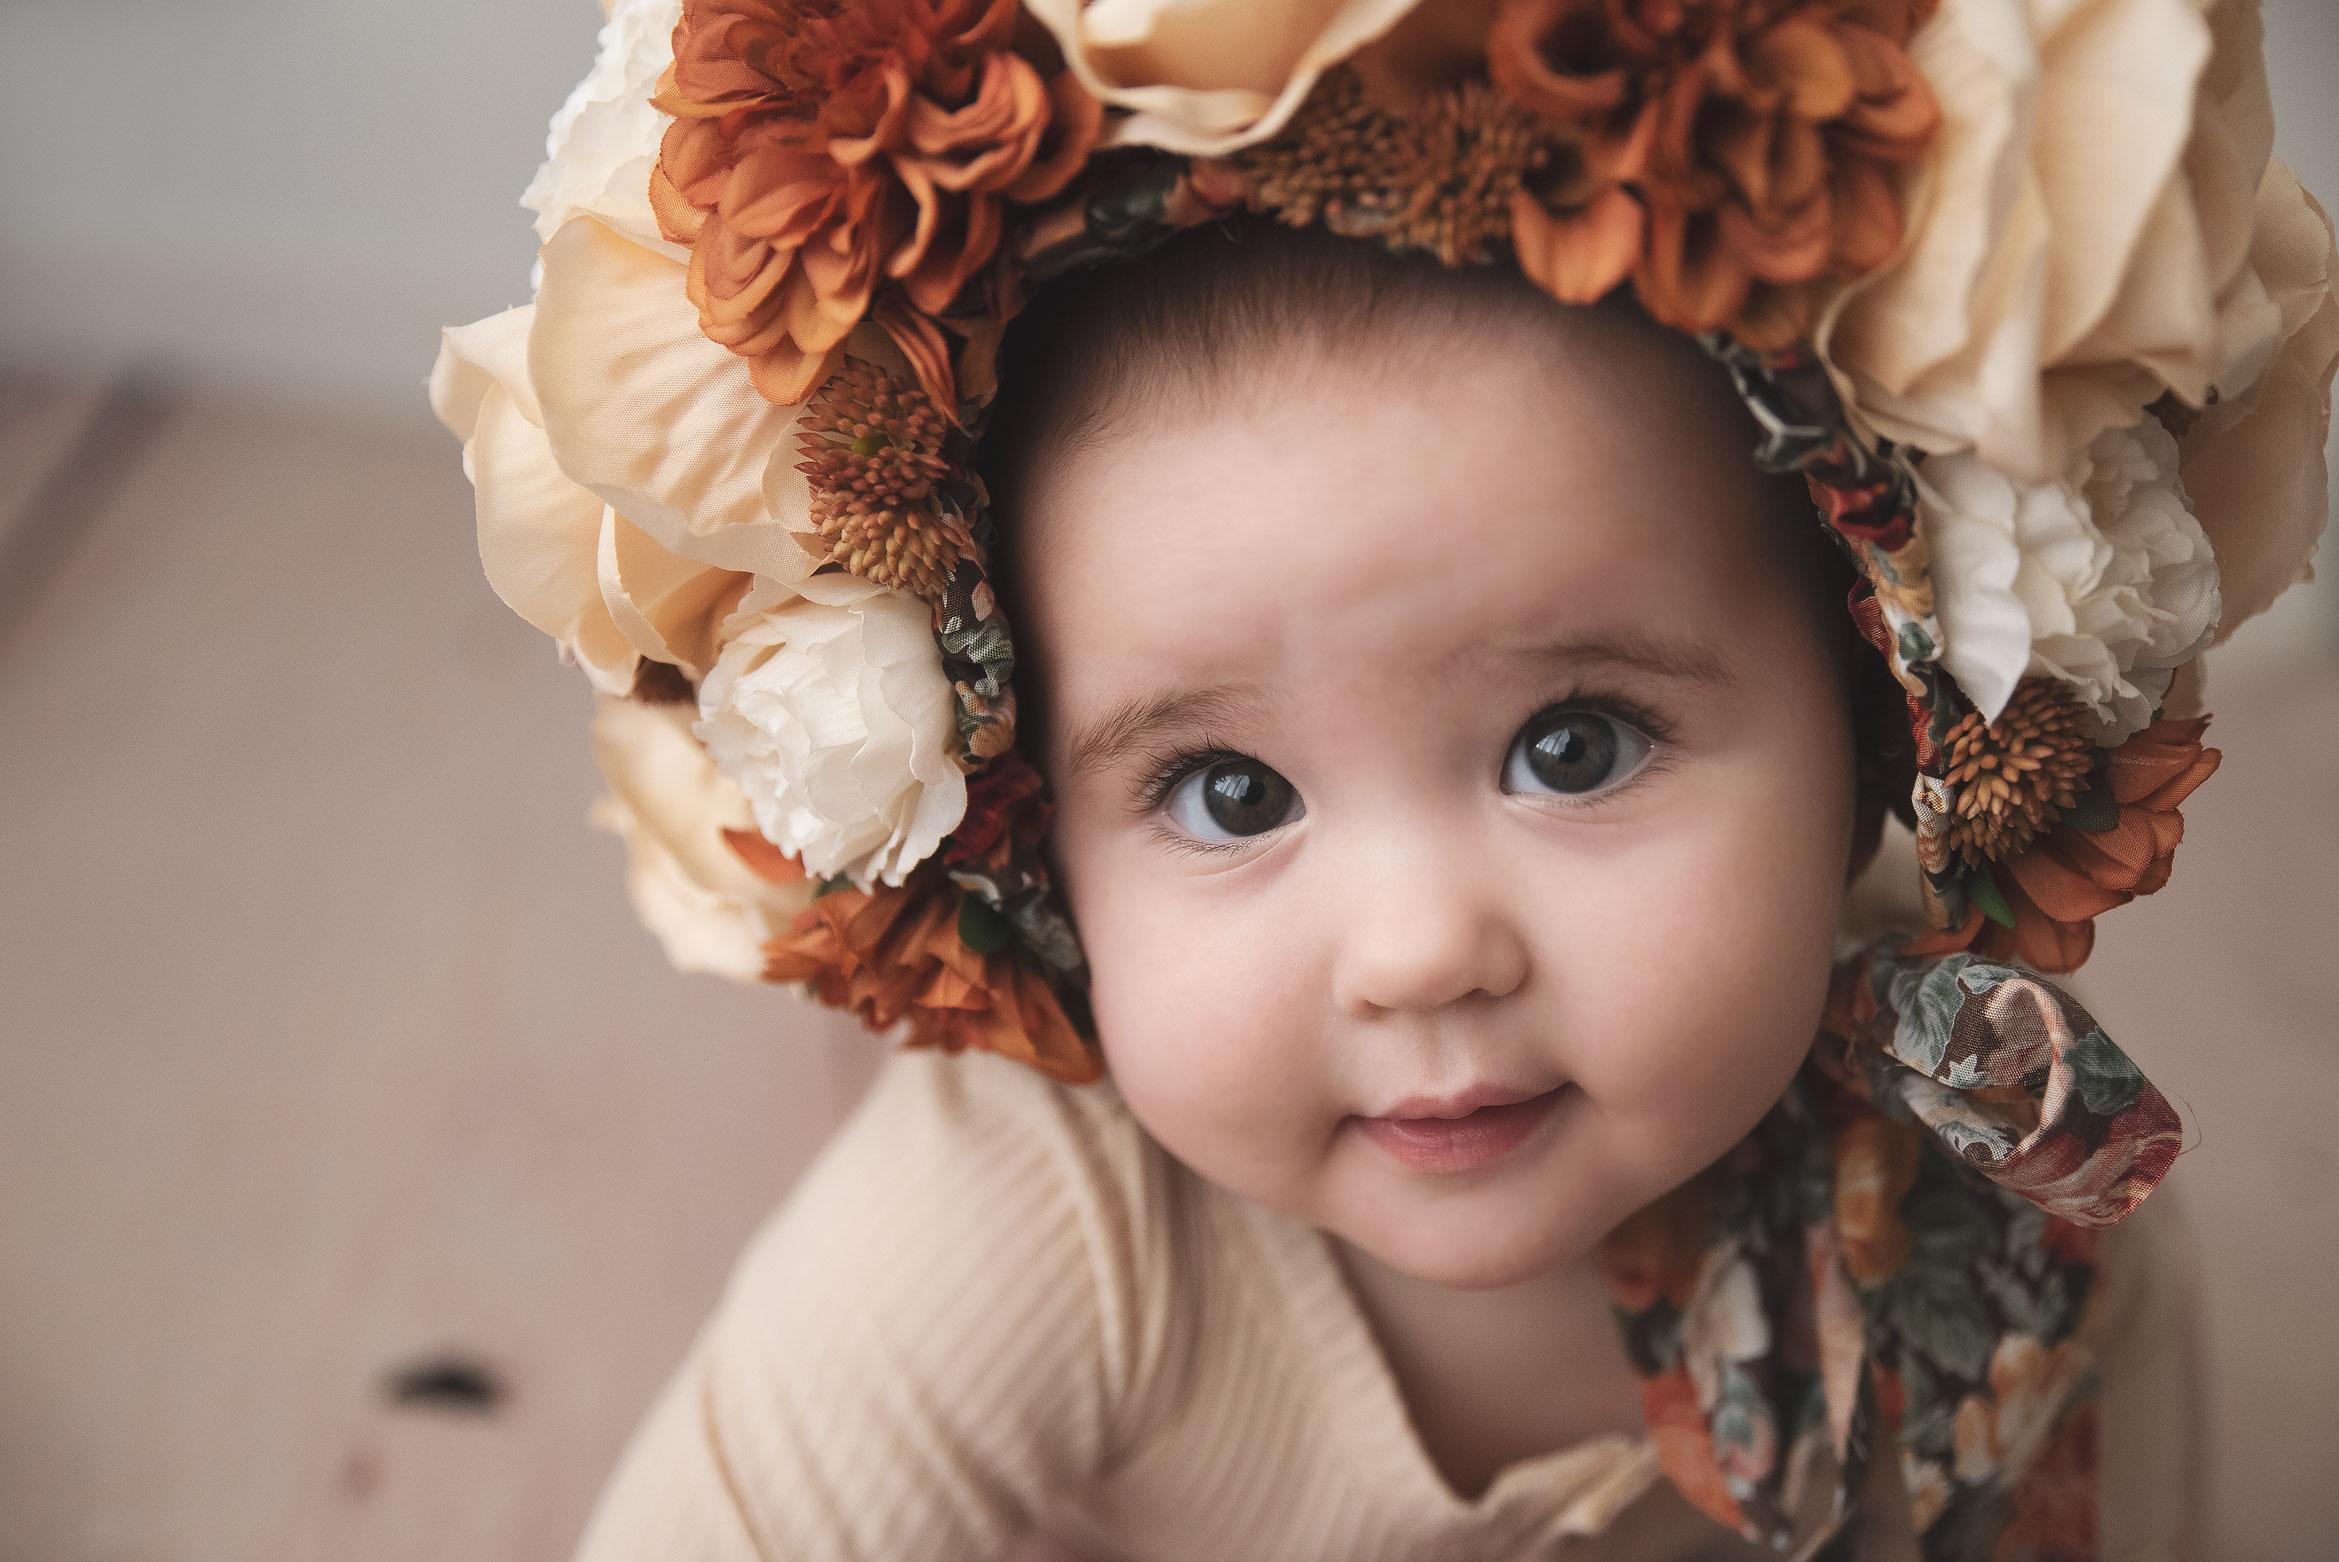 baby-photoshoot-sydney